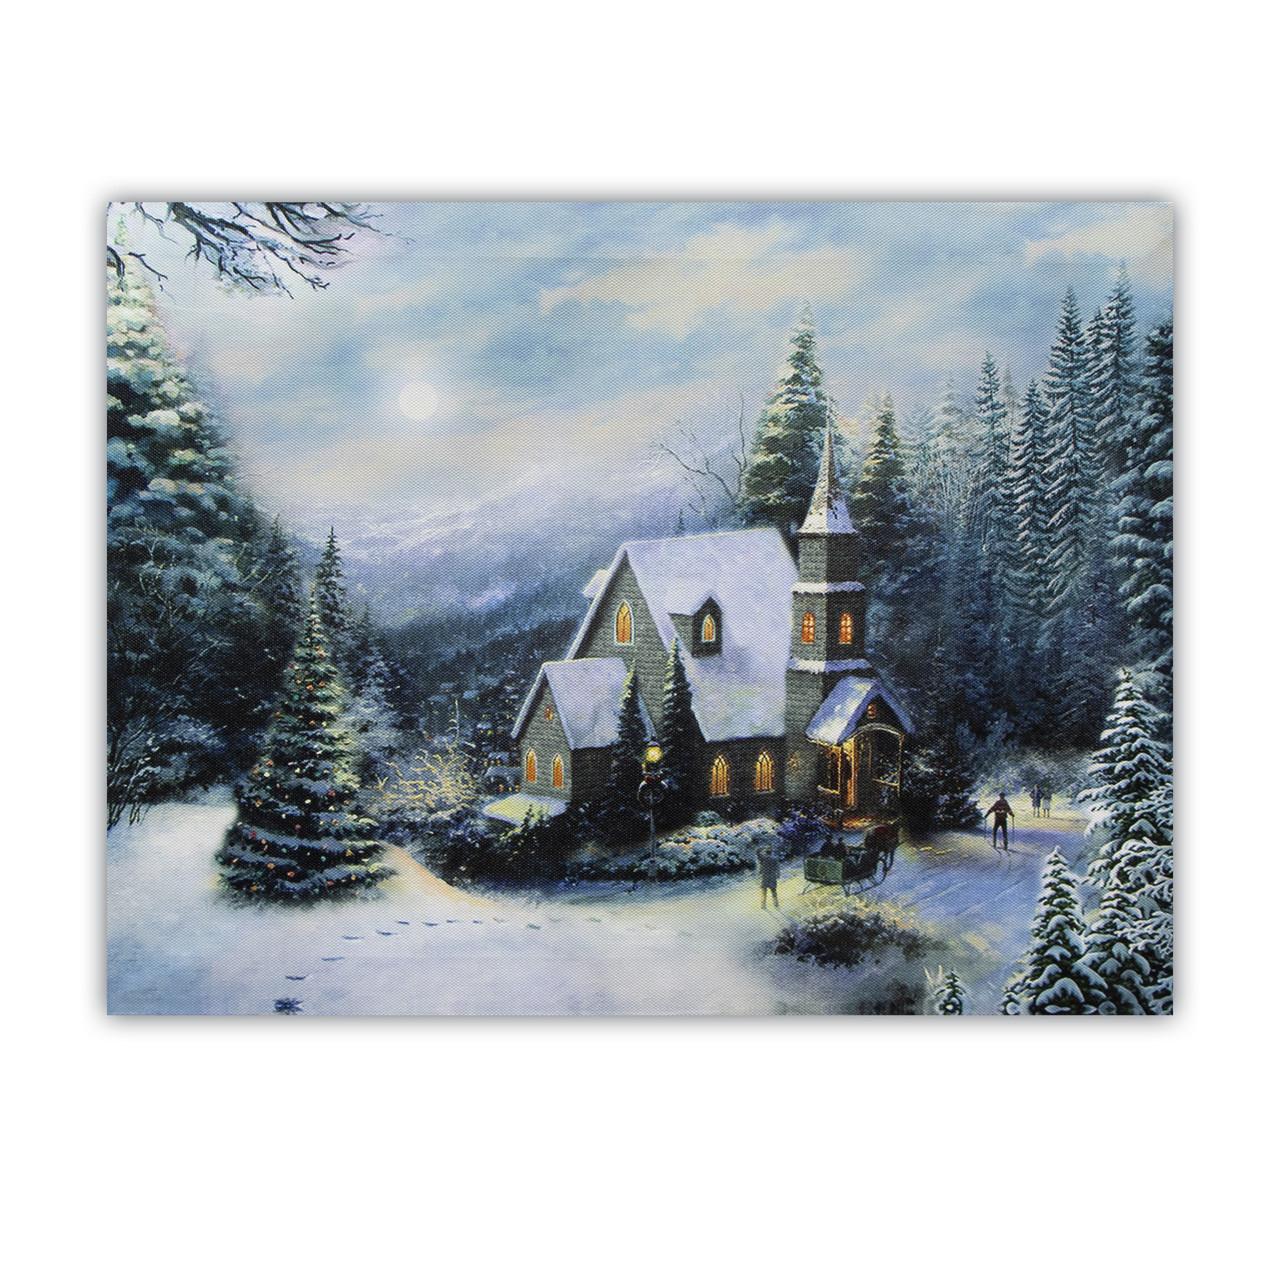 Светящаяся картина - зимний дом на фоне заснеженного леса, 8 LЕD ламп, 30*40 см (940133)